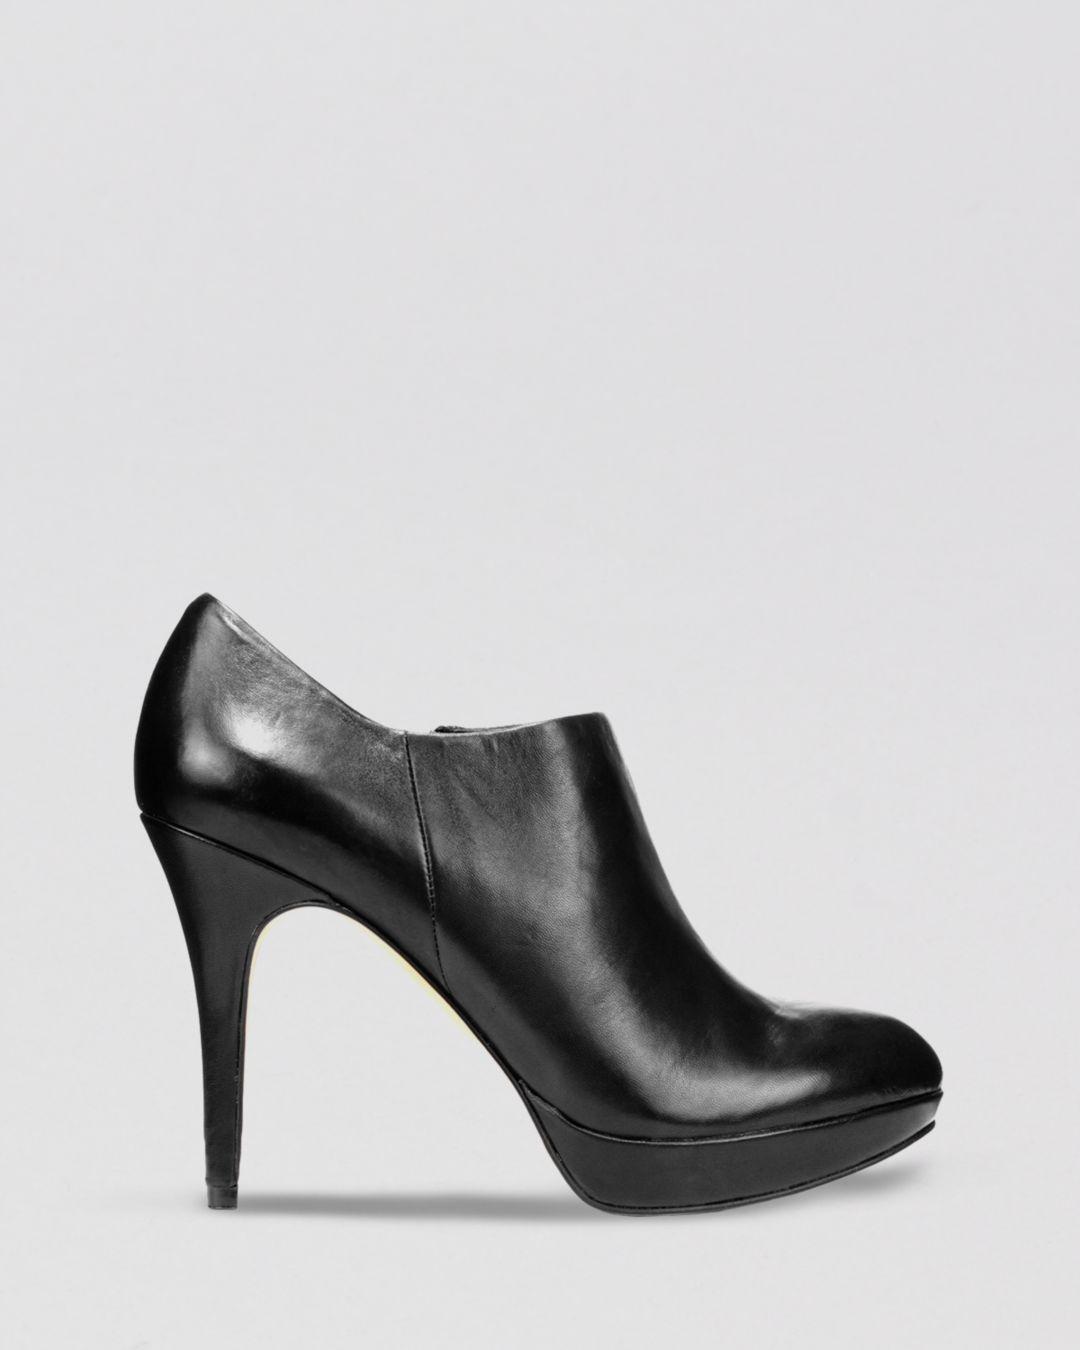 Vince Camuto Platform Booties - Elvin High - Heel in Black